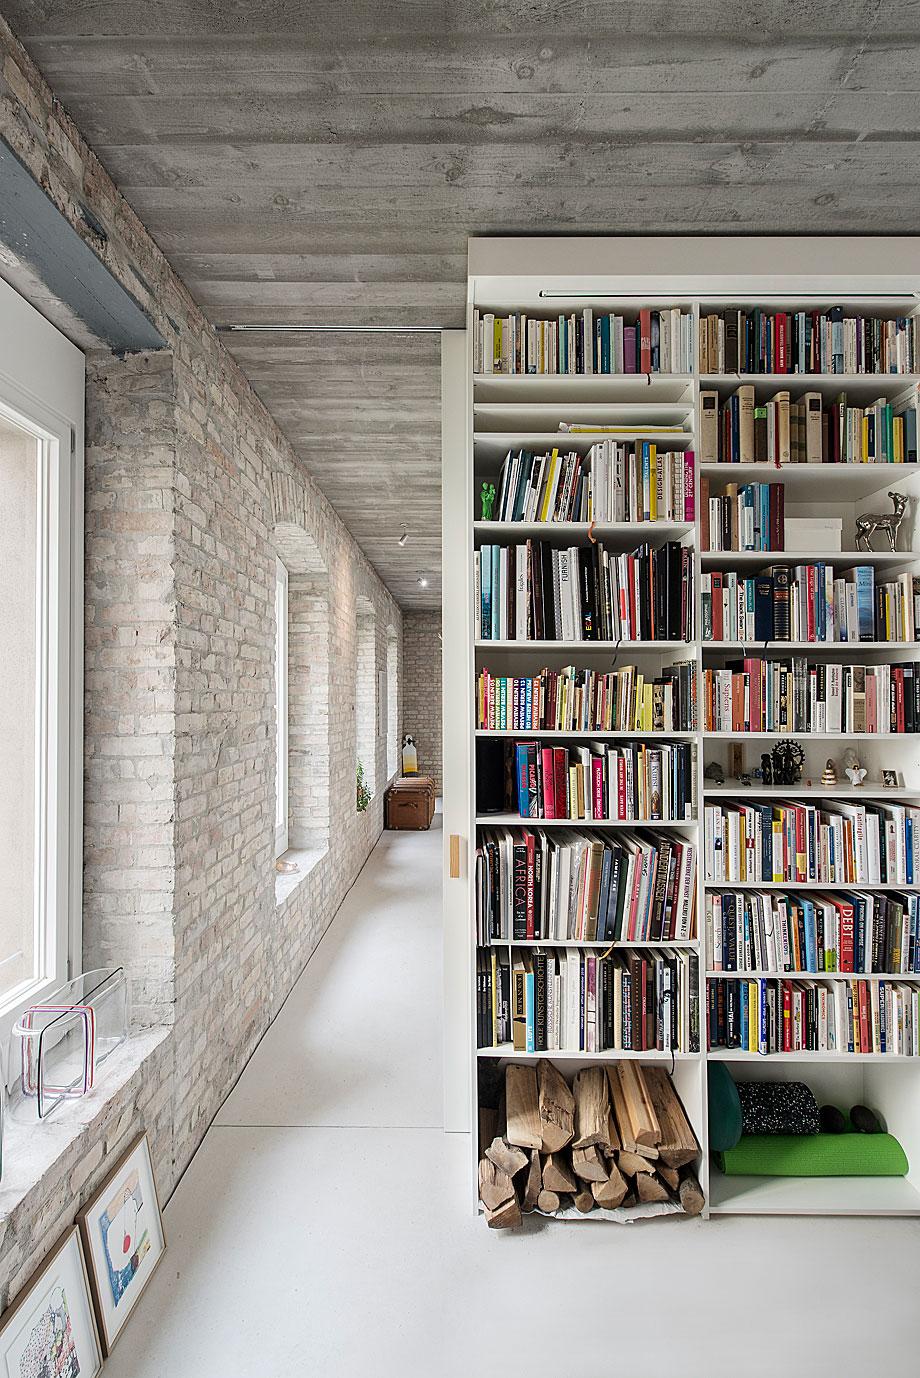 casa-mmb-asdfg-architekten-fotos-michal-pfisterer-9